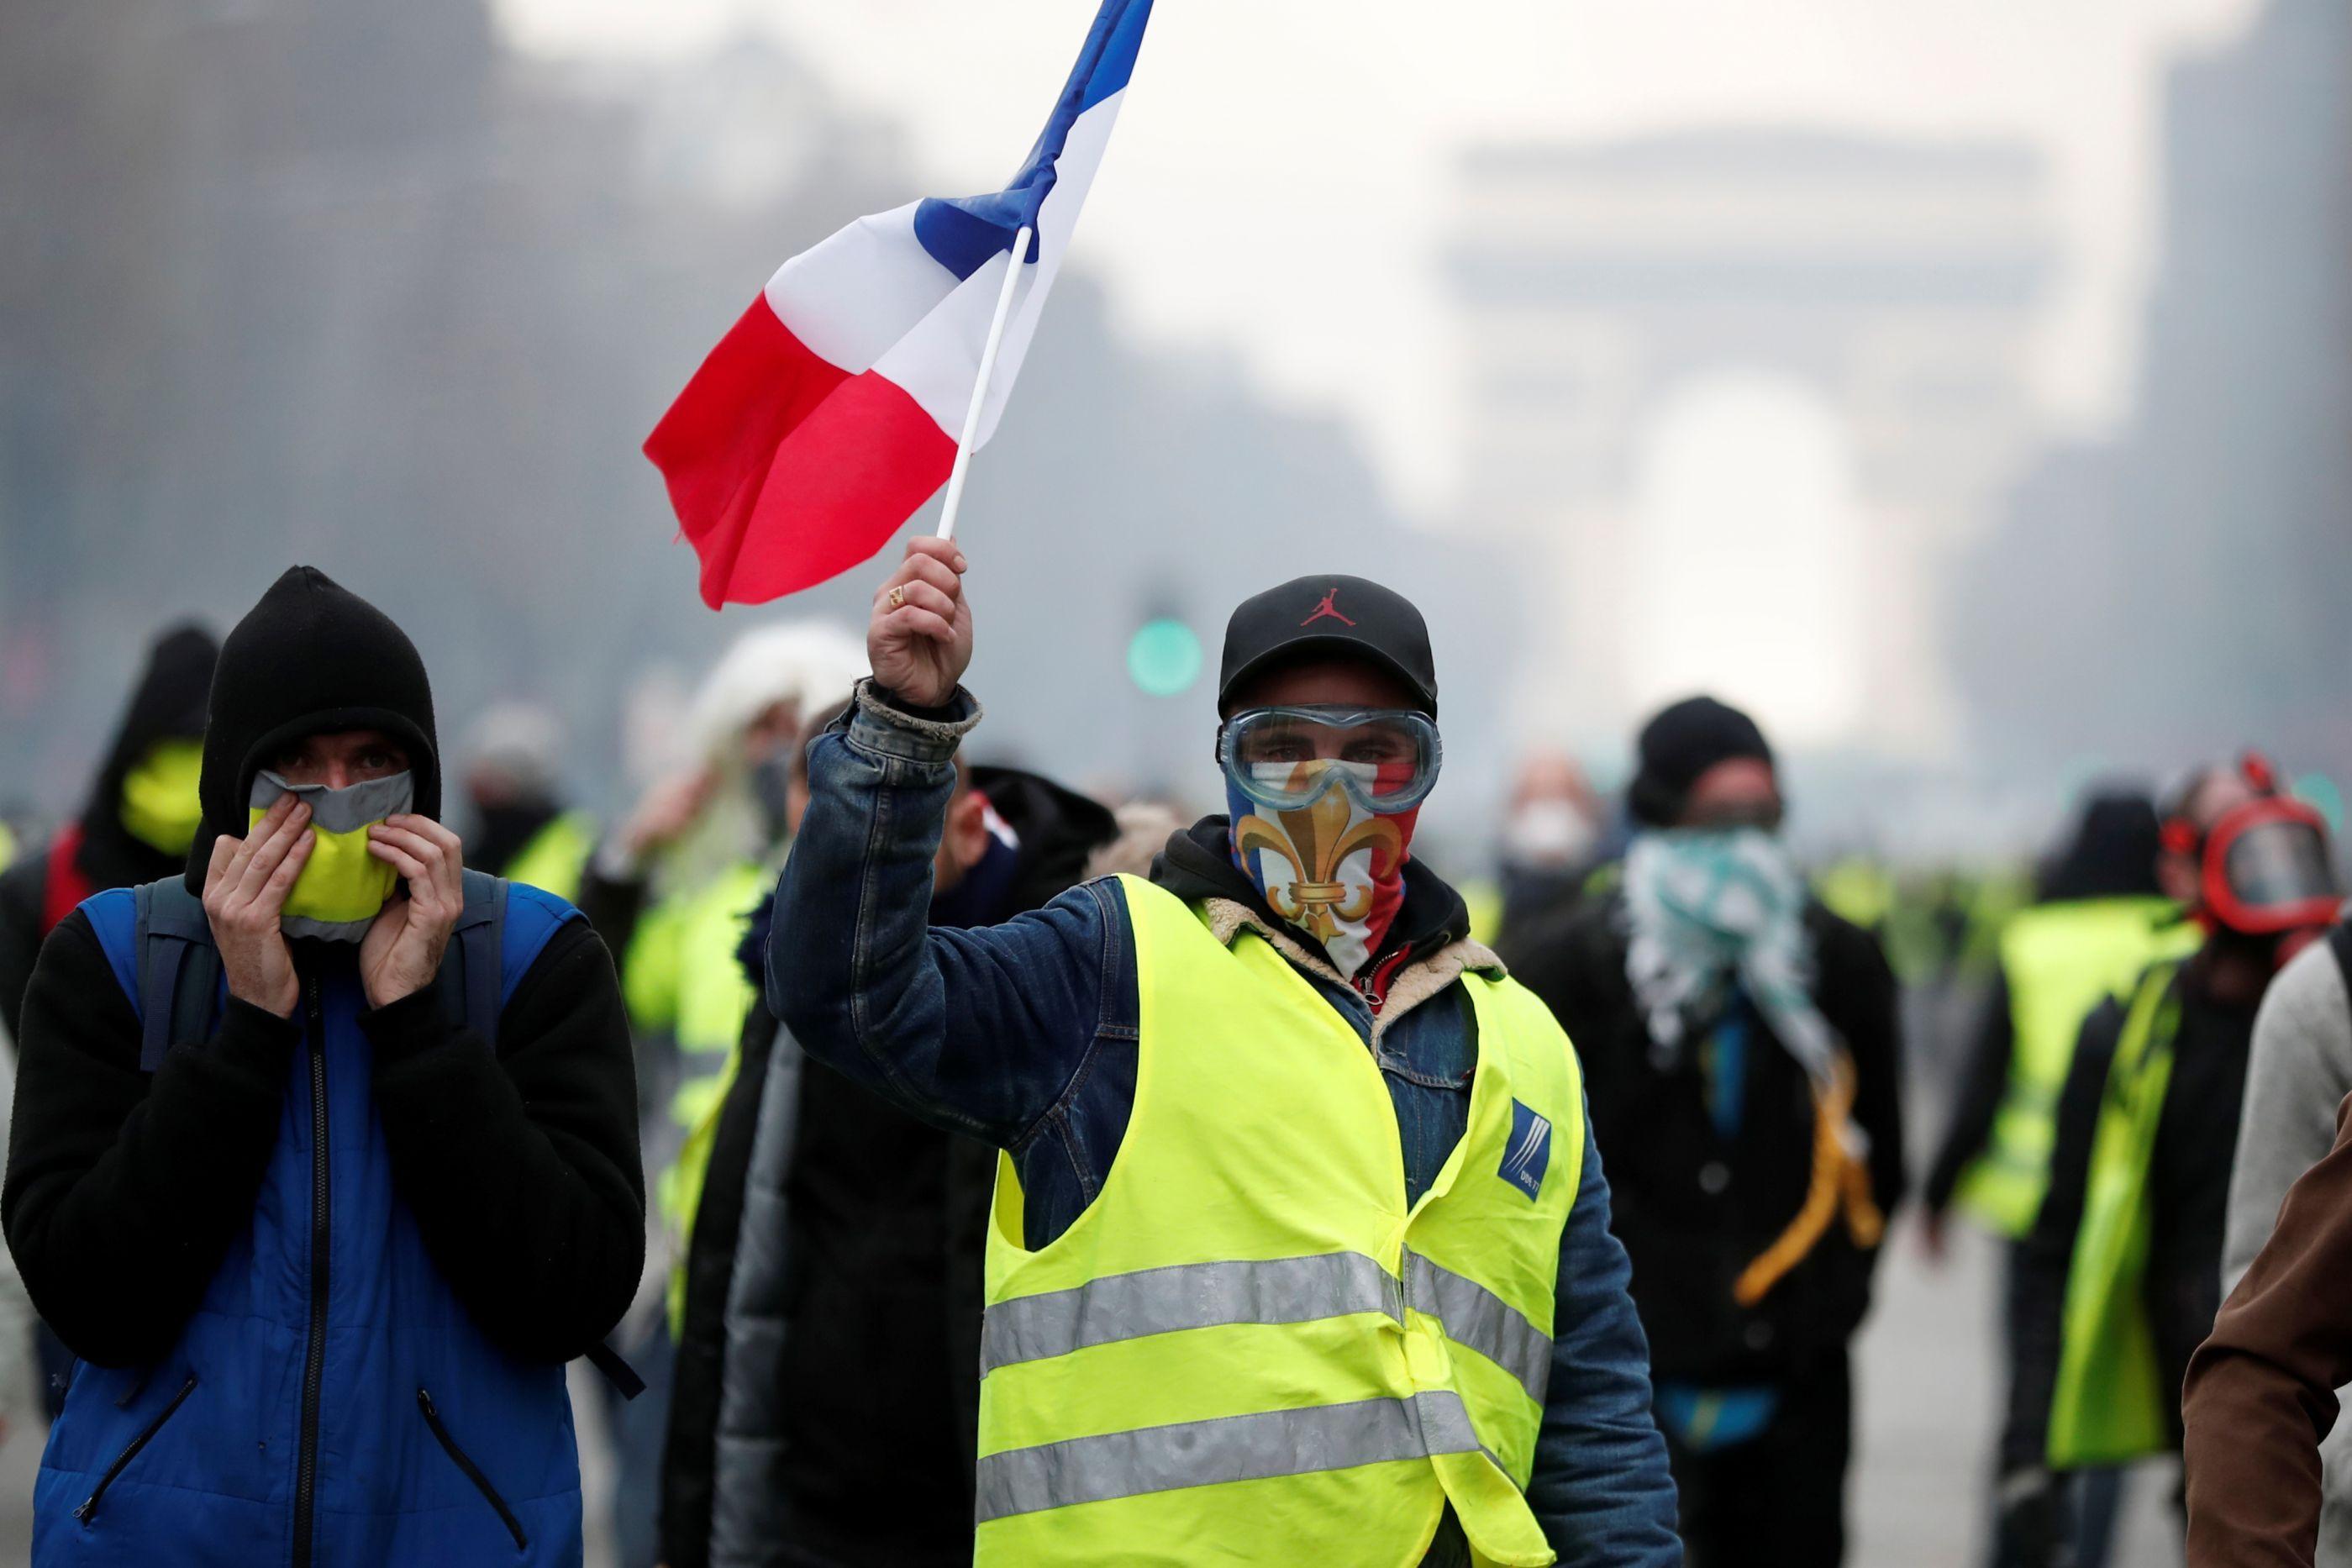 Missão militar mobilizada em França para protesto dos Coletes Amarelos